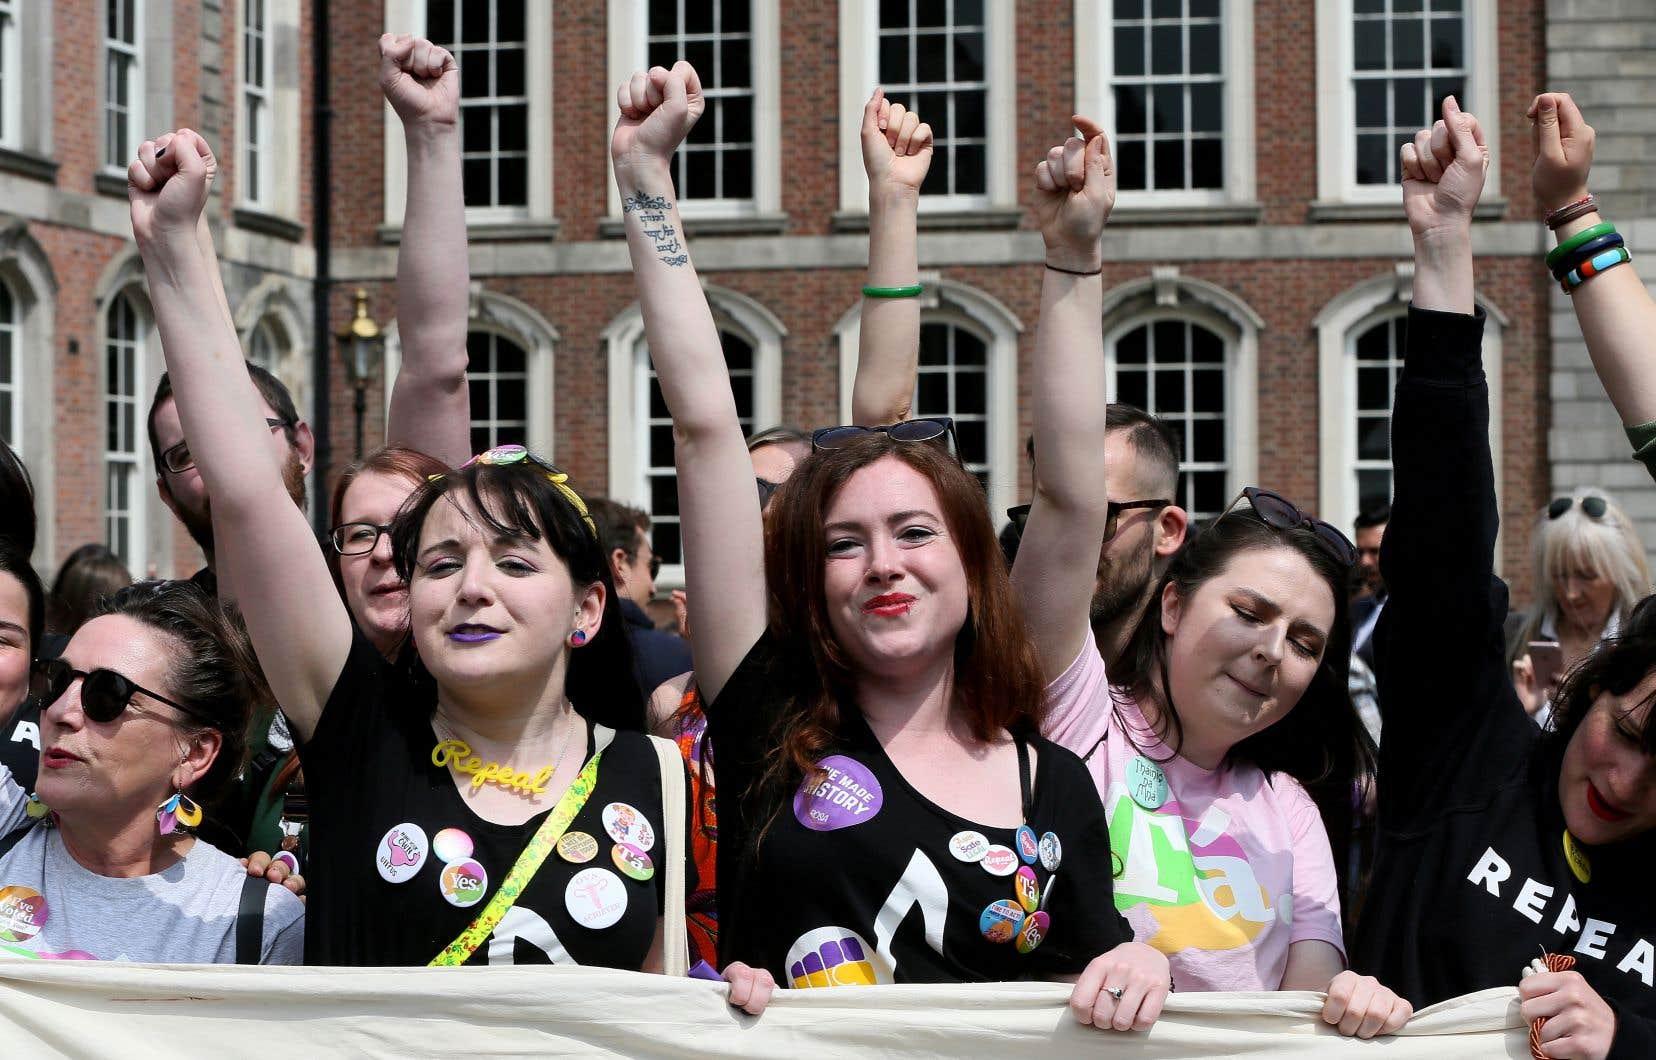 «Le vote pour le oui montre un immense désir de changement que personne n'avait prévu», a analysé l'«Irish Times».